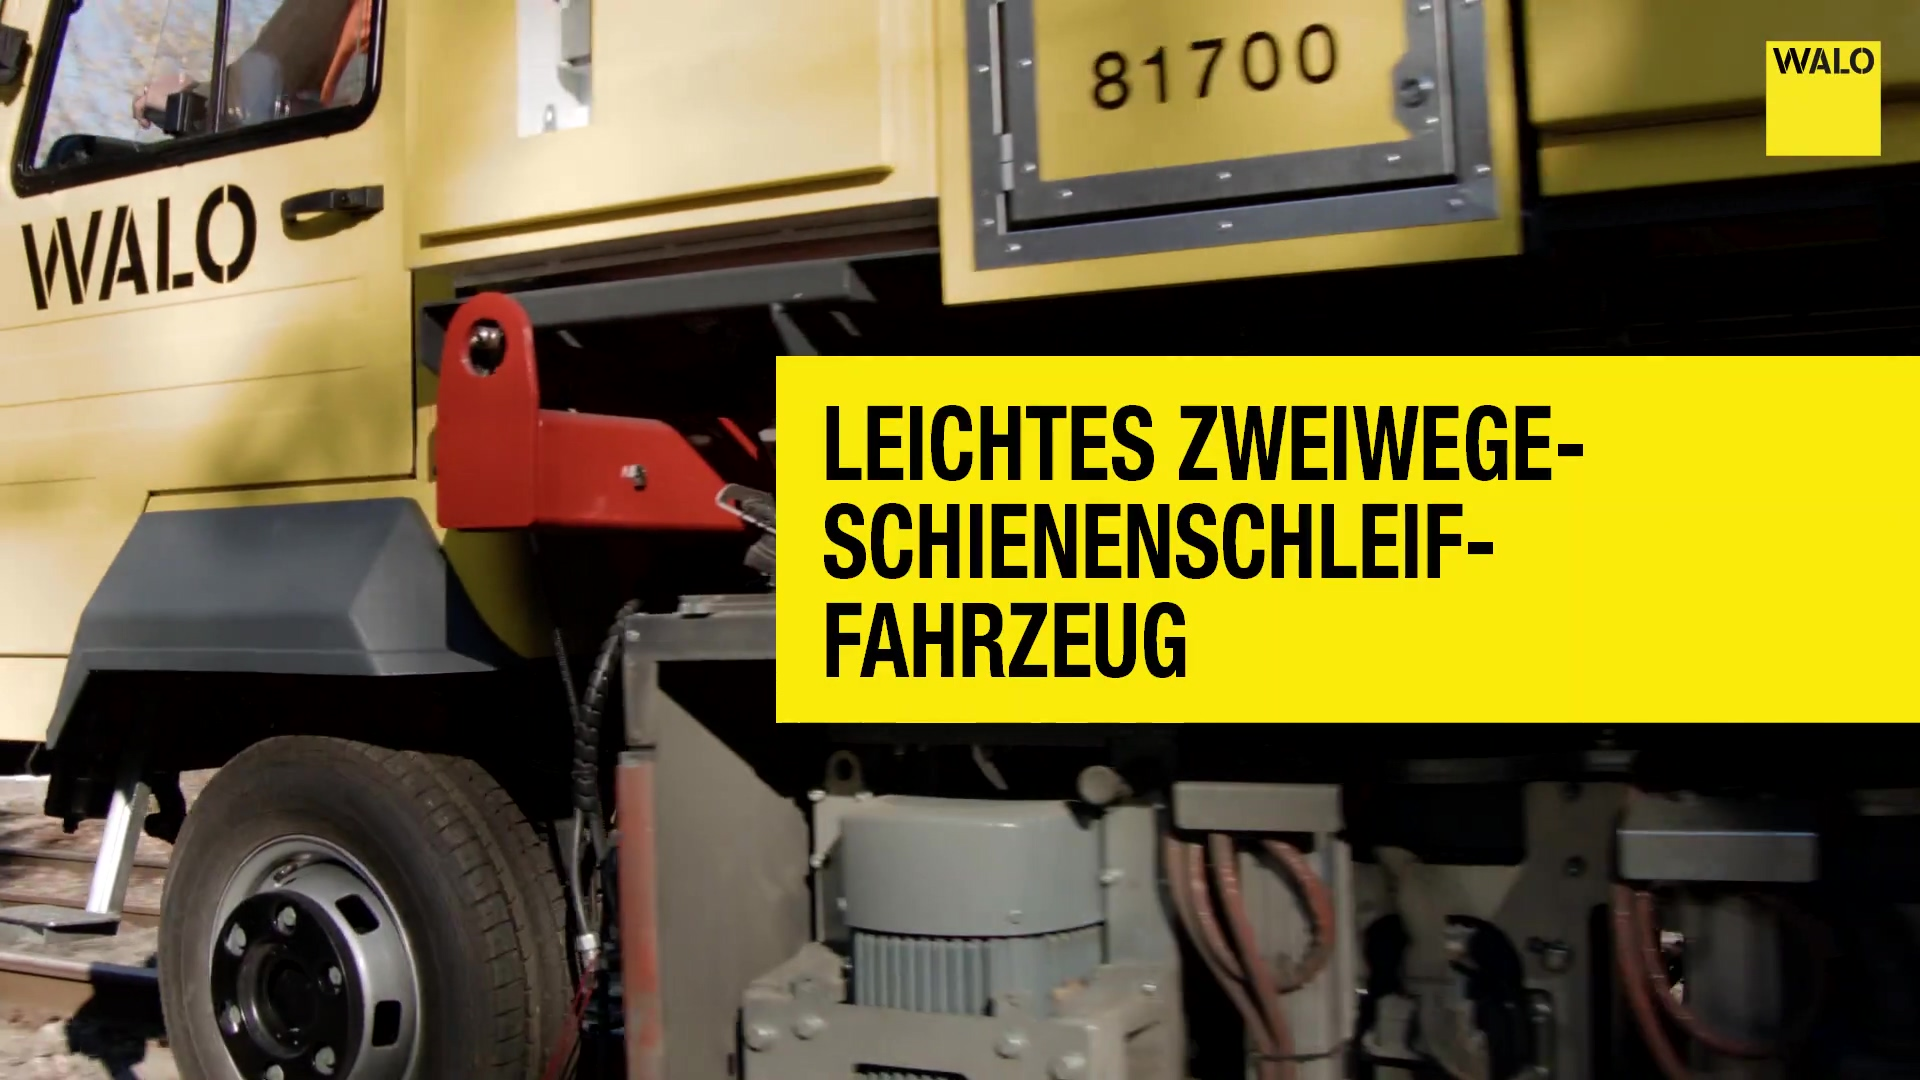 WALO_Zwei-Wege-Schienen-Schleiffahrzeug